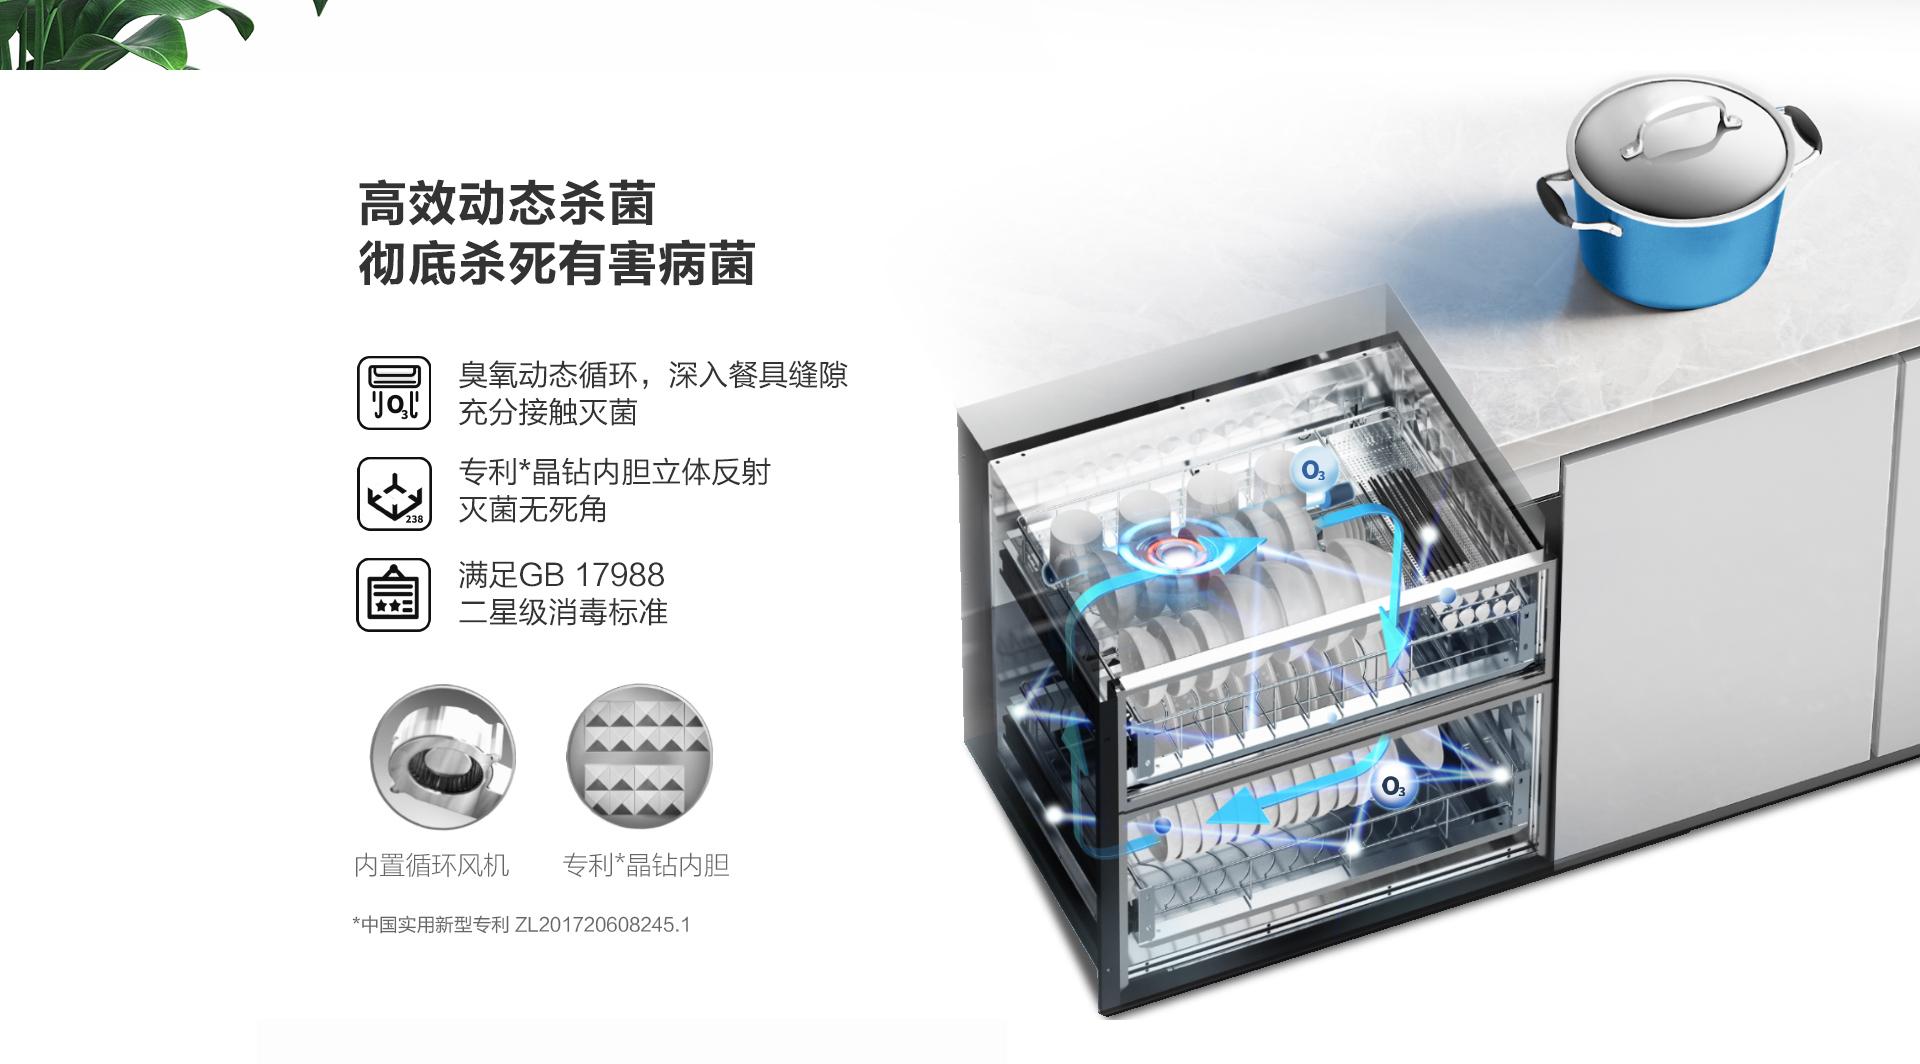 XB605消毒柜-上新-PC端-200827_02.jpg